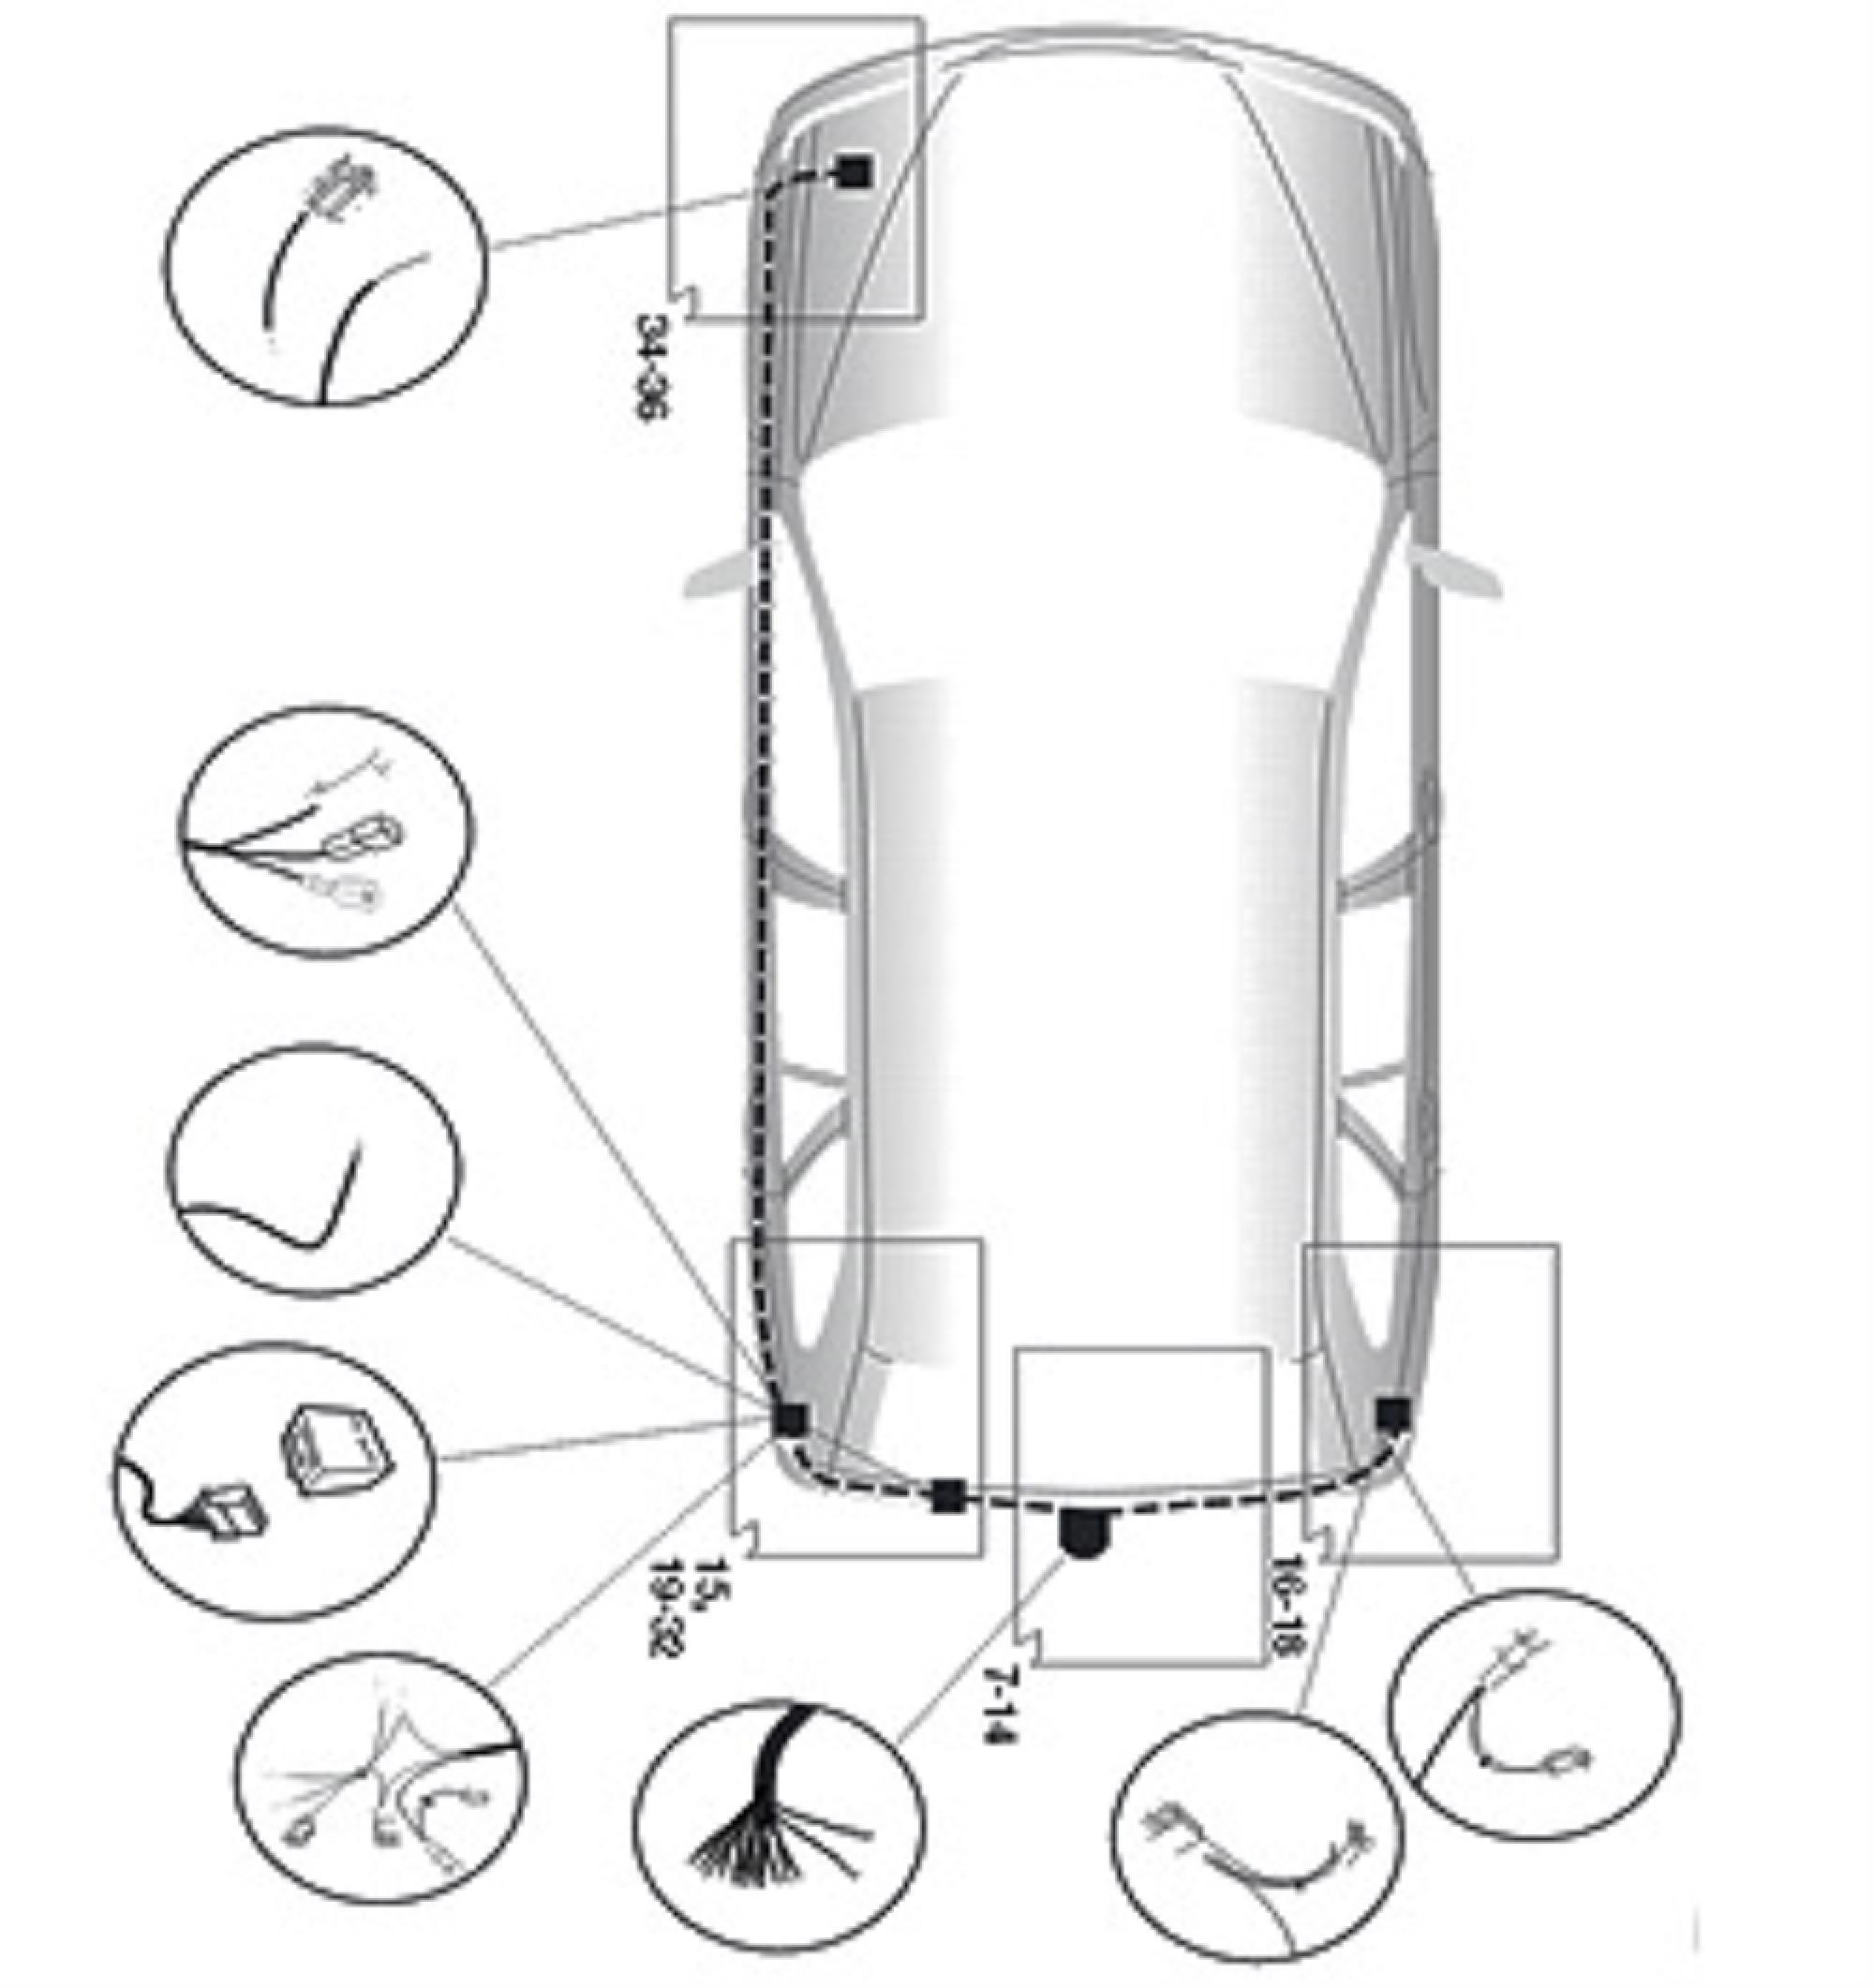 Anhängerkupplung AHK Für Mazda 6 Kombi GY 02-08 starr mit 7pol Elektrosatz spez